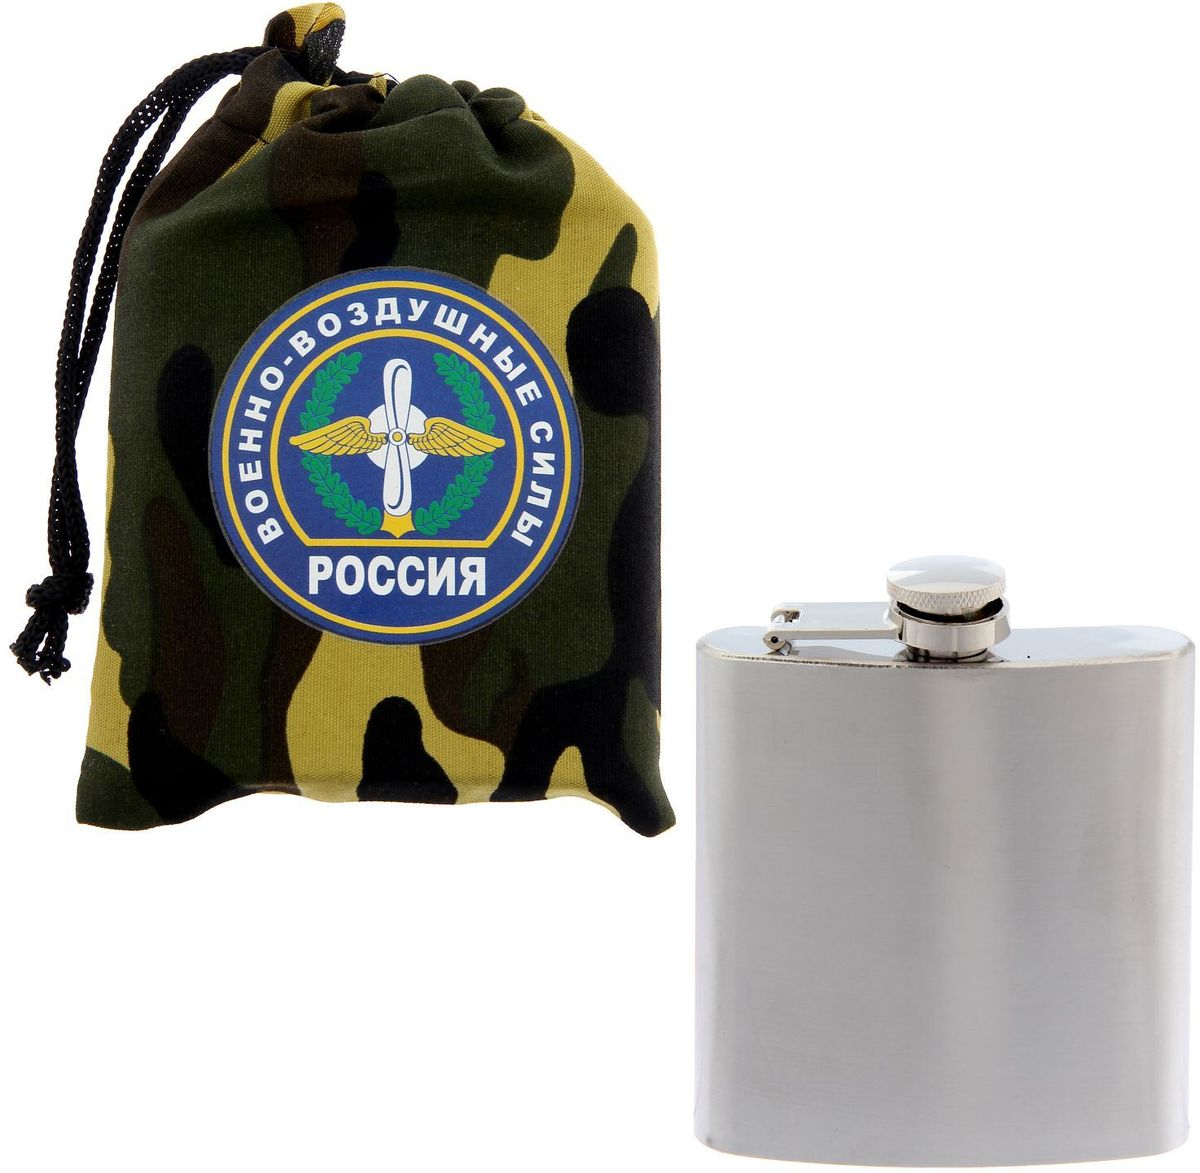 """В походе, на отдыхе, в пути — любимые напитки всегда с вами! Лёгкая и компактная фляжка выполнена из нержавеющей стали. Она имеет оптимальный объём и форму, благодаря чему помещается в карман, рюкзак или небольшую сумку. Плотно прилегающая крышка надёжно защищает от протекания.Фляжка в чехле """"ВВС"""" с эксклюзивным дизайном станет отличным подарком настоящему герою."""